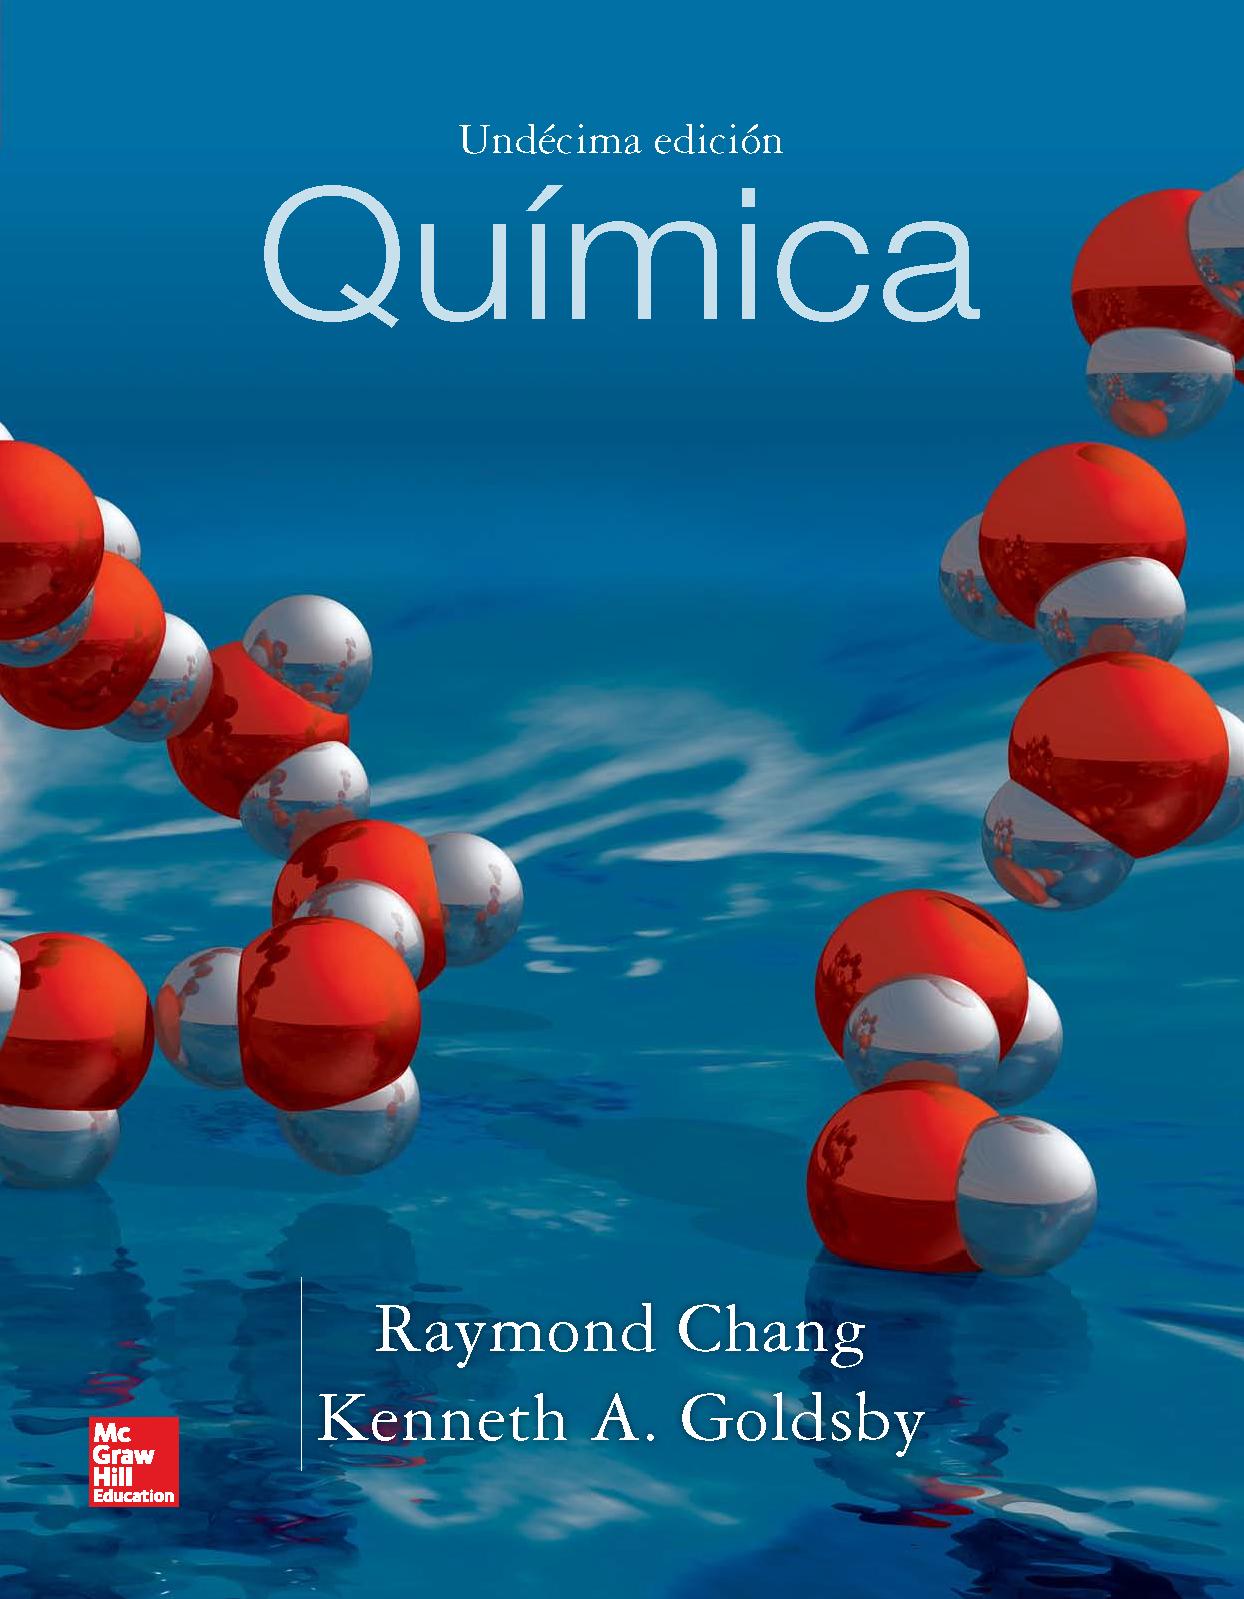 LIBRO DE QUIMICA 11va EDICION DE RAYMOND CHANG